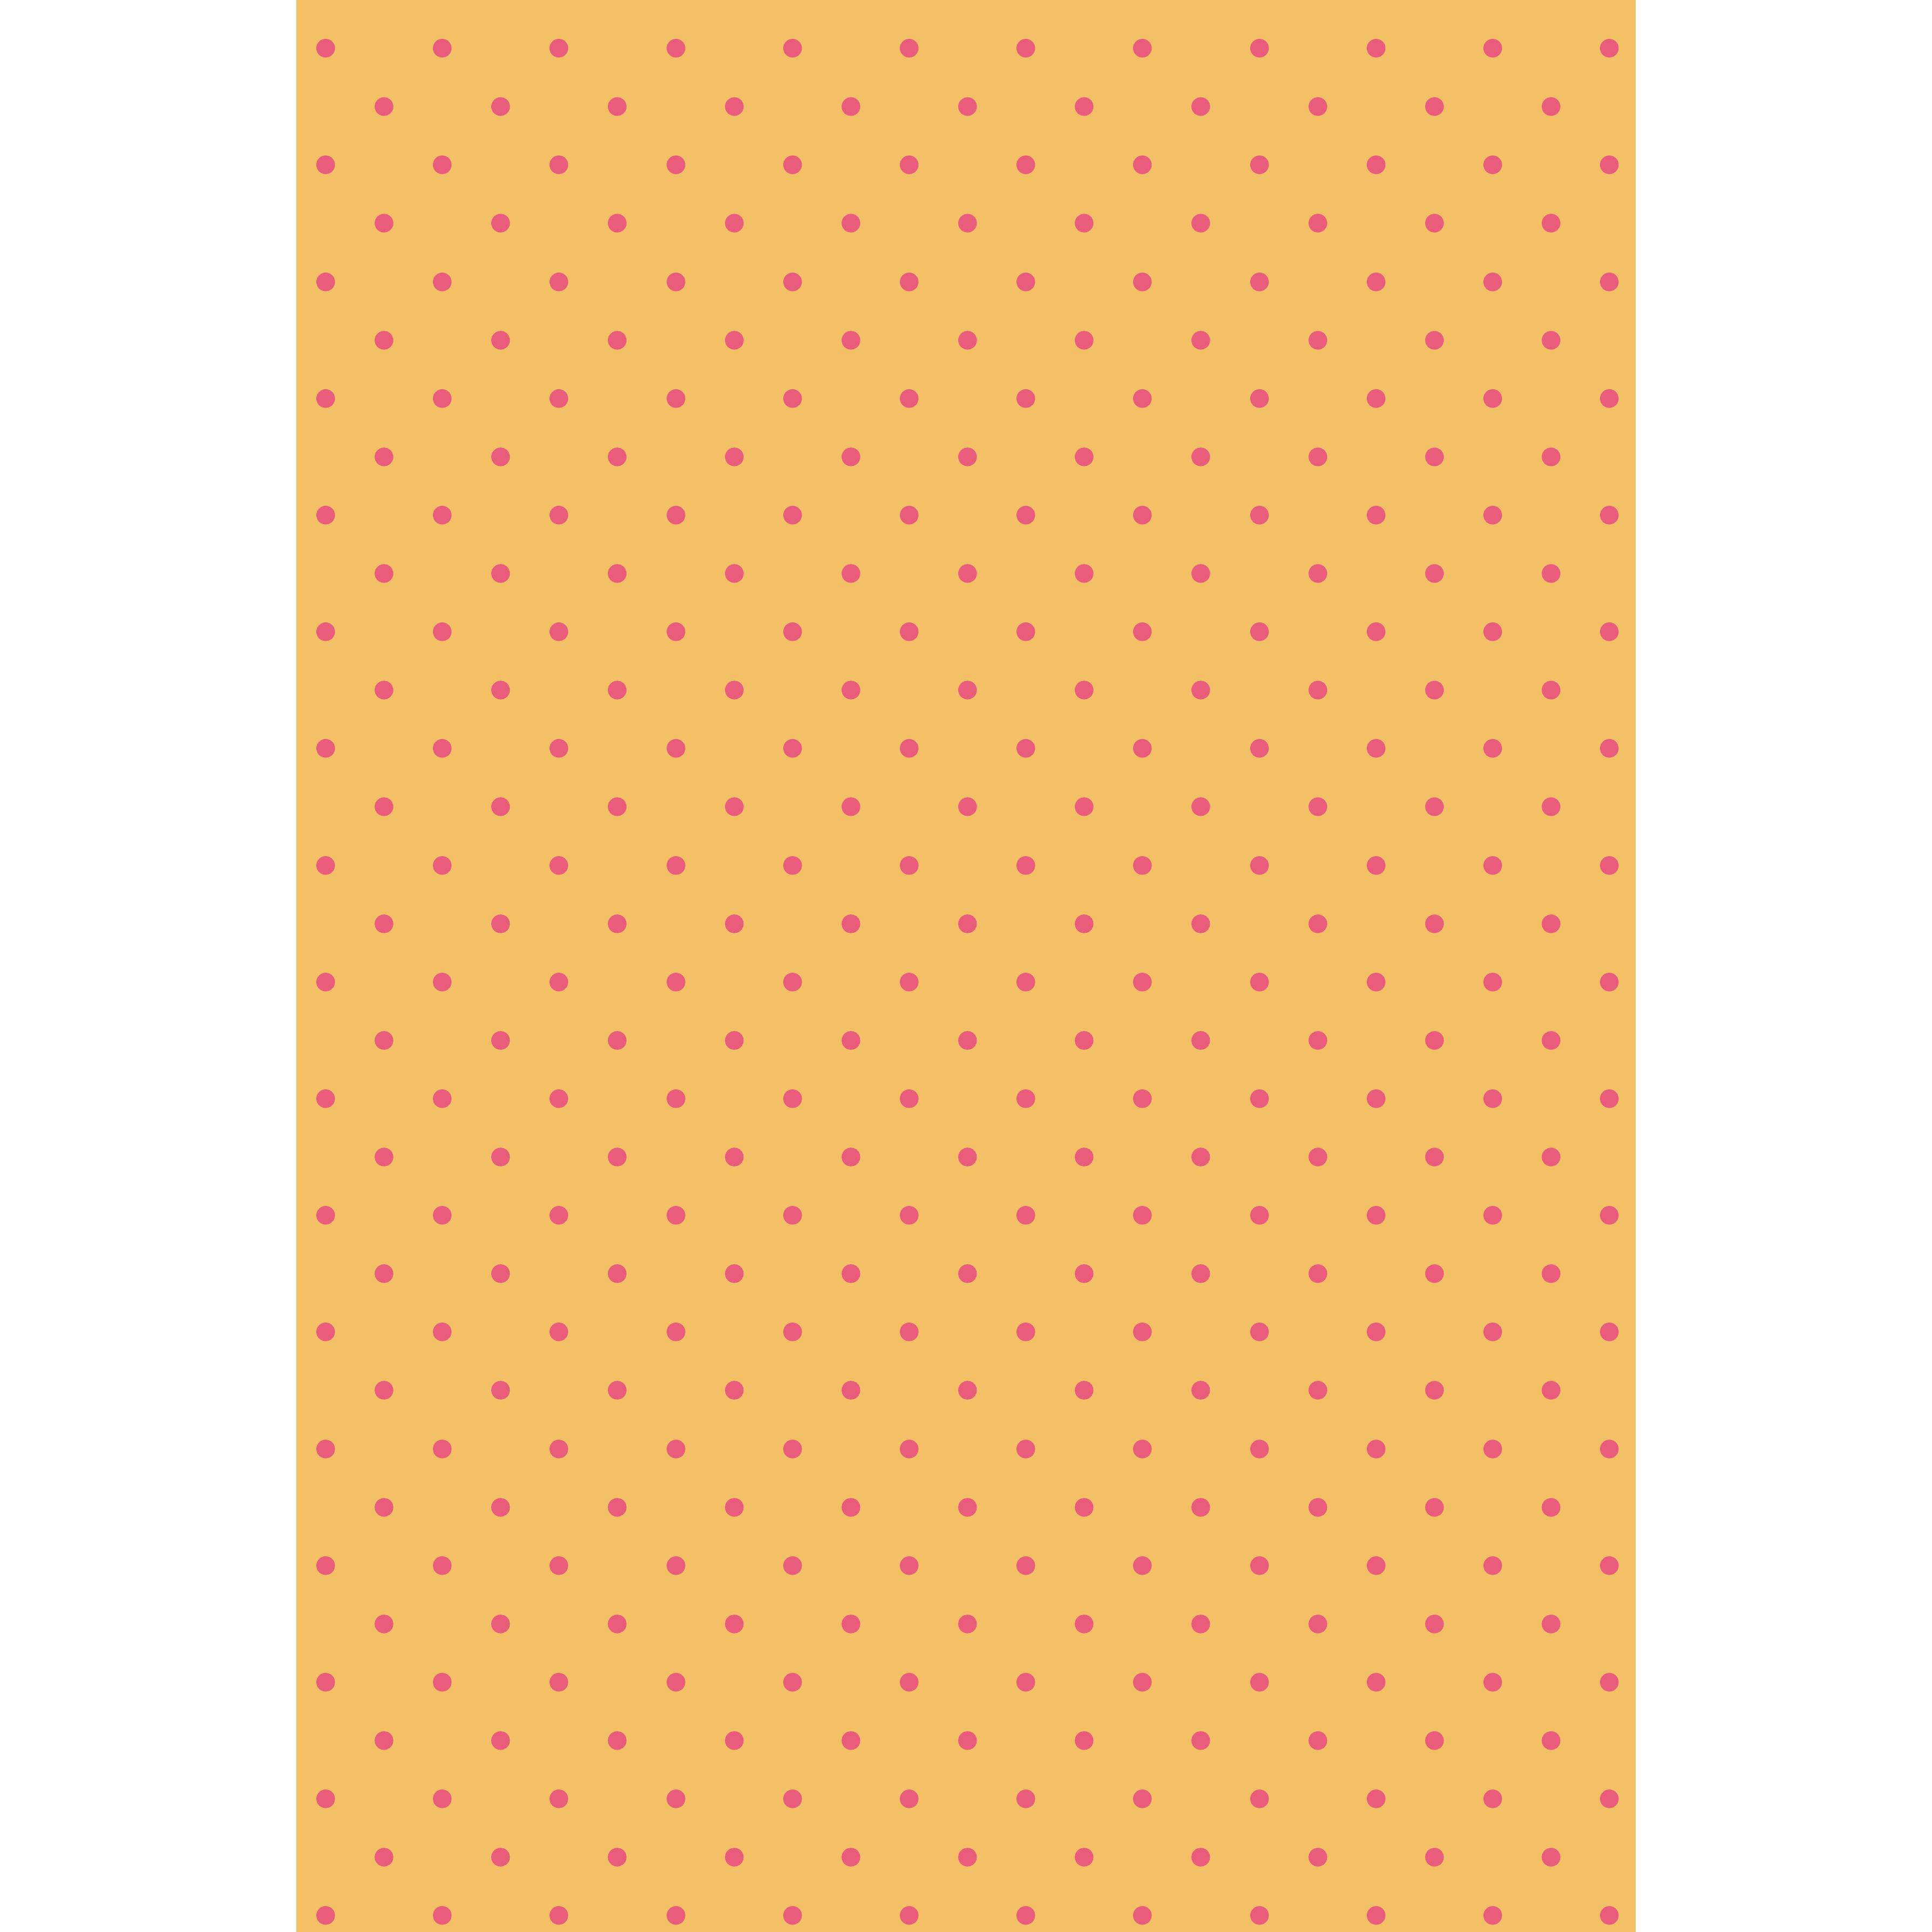 水玉(ドット)オレンジ×ピンク 背景デザイン イラスト | 商用フリー